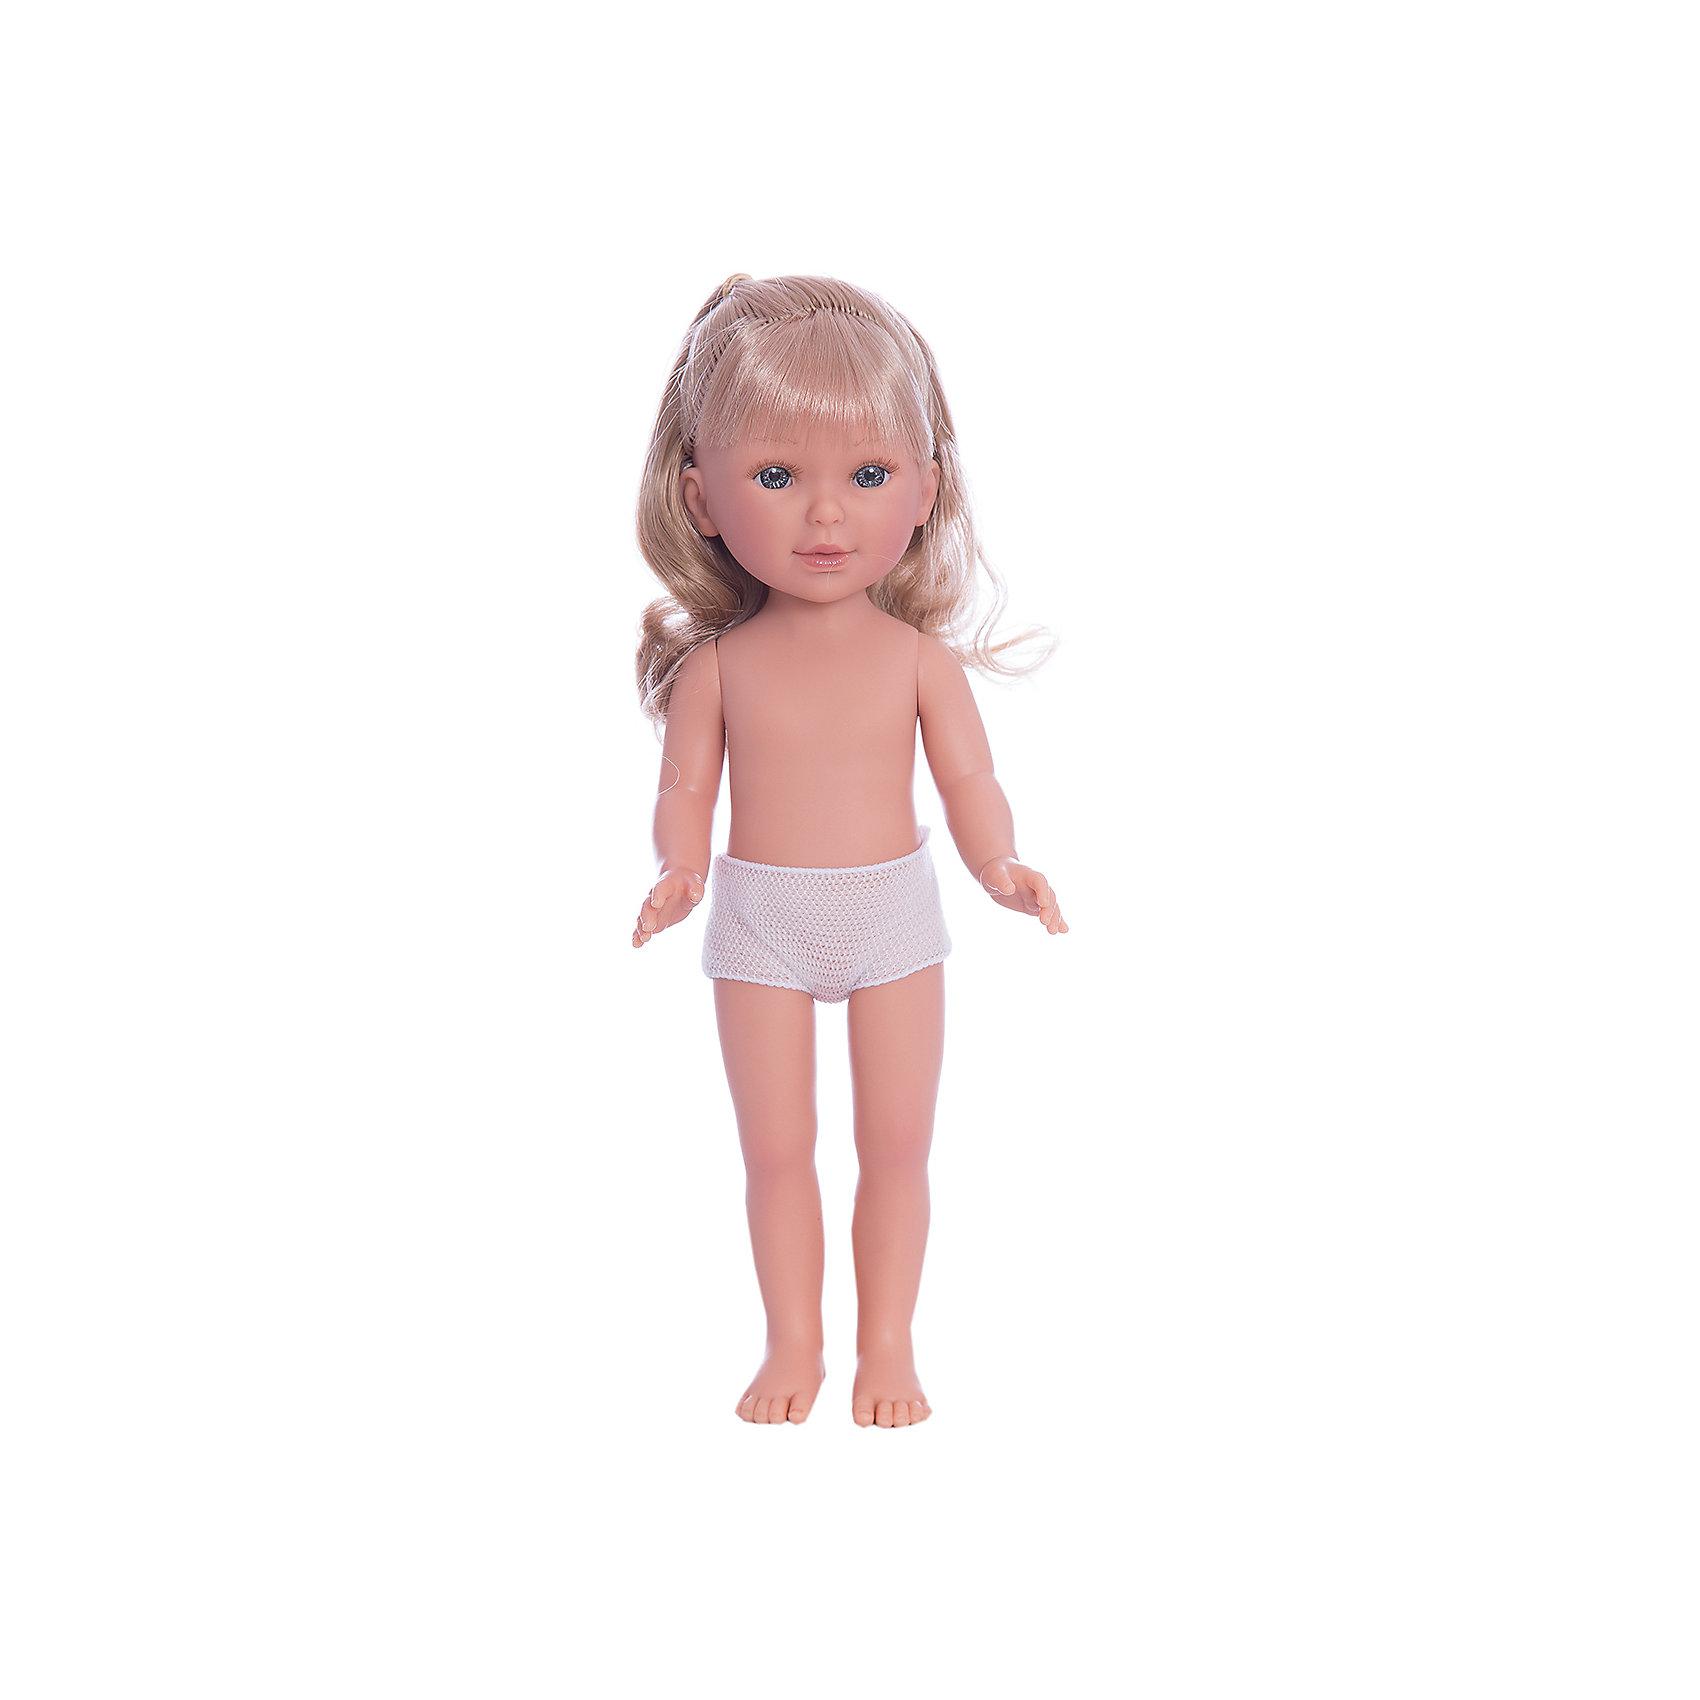 Кукла Паулина, блондинка волнистые волосы, Vestida de AzulКлассические куклы<br>Характеристики товара:<br><br>• возраст: от 3 лет;<br>• материал: винил;<br>• в комплекте: кукла;<br>• высота куклы: 33 см;<br>• размер упаковки: 35х14х7 см;<br>• вес упаковки: 370 гр.;<br>• страна производитель: Испания.<br><br>Кукла Паулина блондинка волнистые волосы Vestida de Azul станет отличным подарком для девочки, которая любит наряжать куколок и придумывать им стильные образы. У Паулины милое личико с большими живыми глазками, длинными ресницами и щечками с легким румянцем. Мягкие волнистые волосы куклы очень похожи на натуральные. Девочка сможет расчесывать их, укладывать, заплетать, придумывая кукле разнообразные прически. У куклы подвижные руки, ноги и голова.<br><br>Куклу Паулину блондинка волнистые волосы Vestida de Azul можно приобрести в нашем интернет-магазине.<br><br>Ширина мм: 350<br>Глубина мм: 120<br>Высота мм: 80<br>Вес г: 700<br>Возраст от месяцев: 36<br>Возраст до месяцев: 2147483647<br>Пол: Женский<br>Возраст: Детский<br>SKU: 6844314